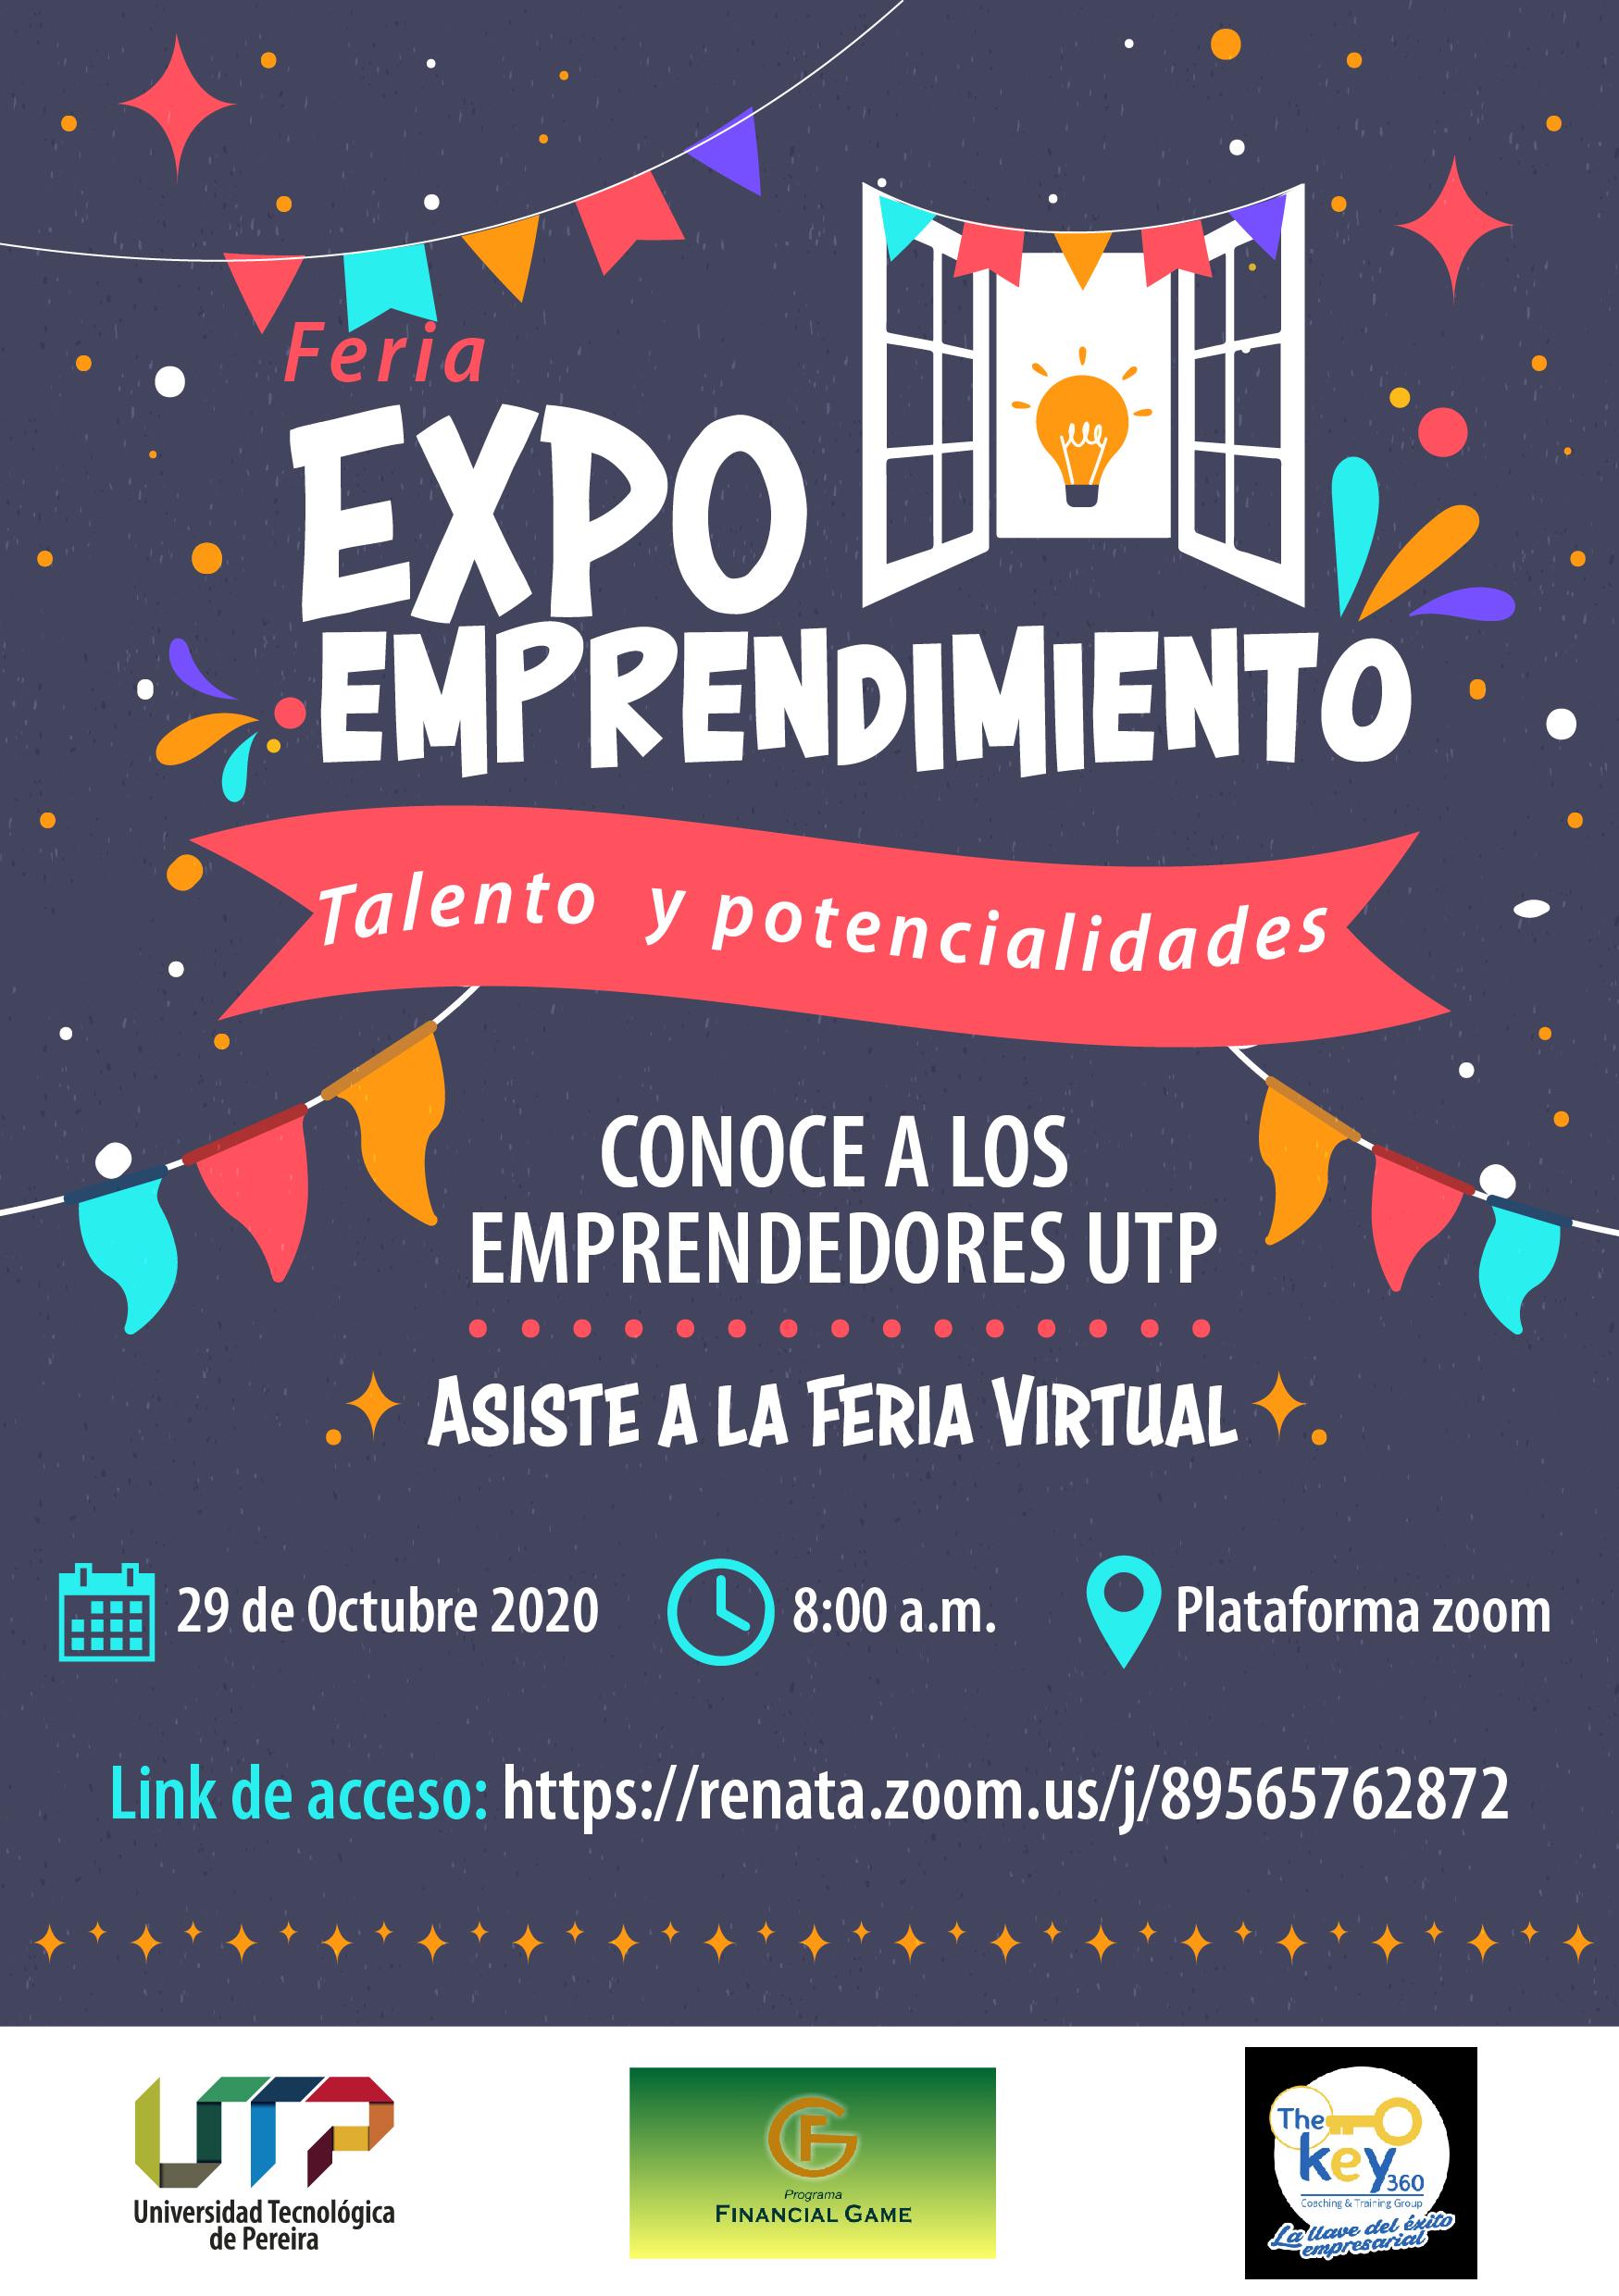 Expo Emprendimiento Talentos y Potencialidades